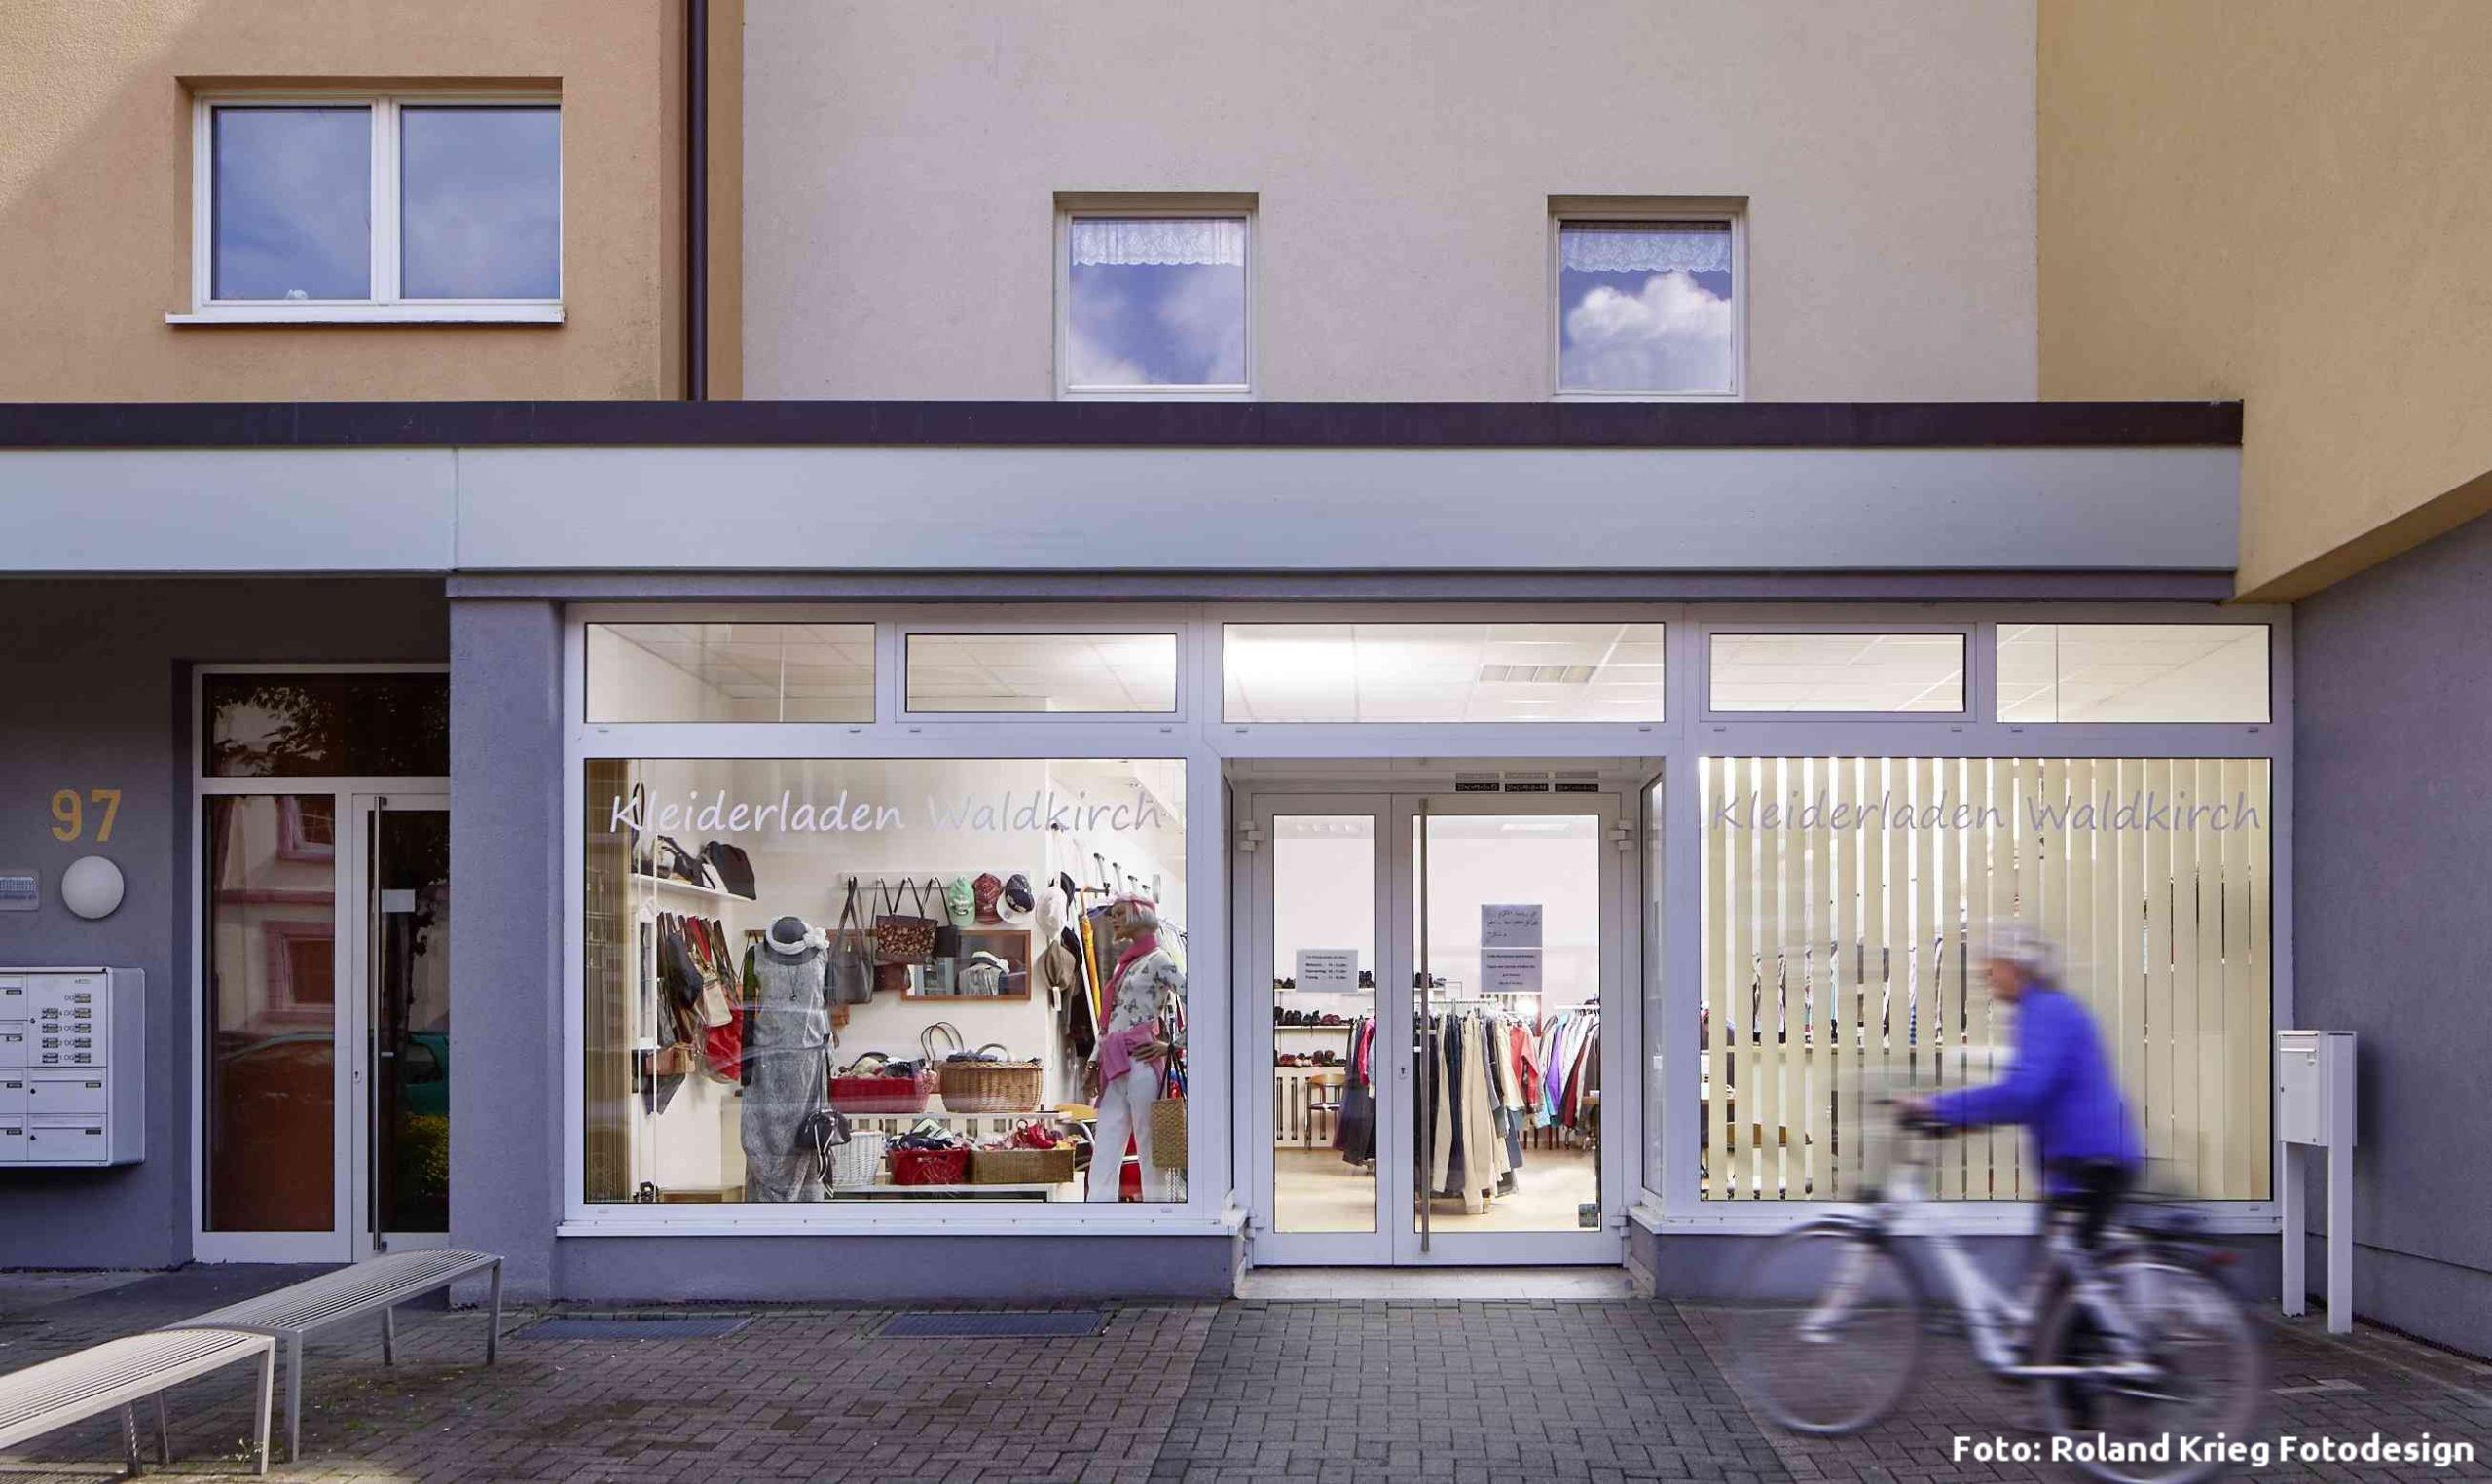 Kleiderladen Waldkirch e. V.